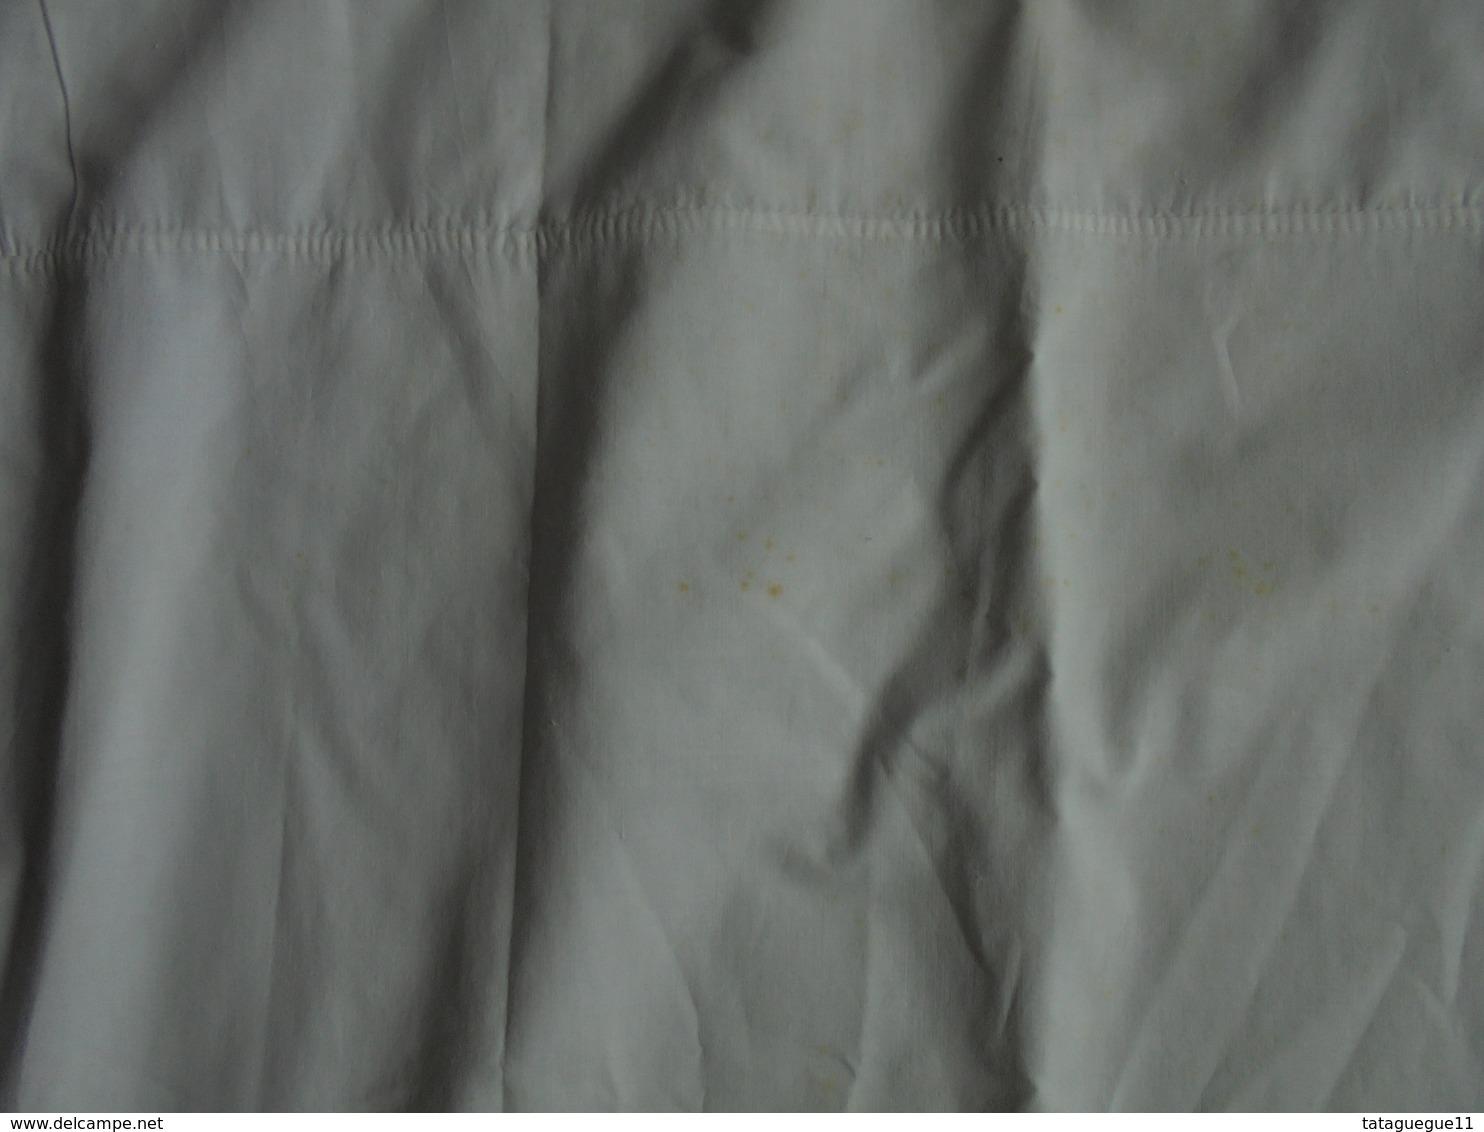 Ancienne Combinaison En Coton Pour Femme Années 40/50 - Vintage Clothes & Linen